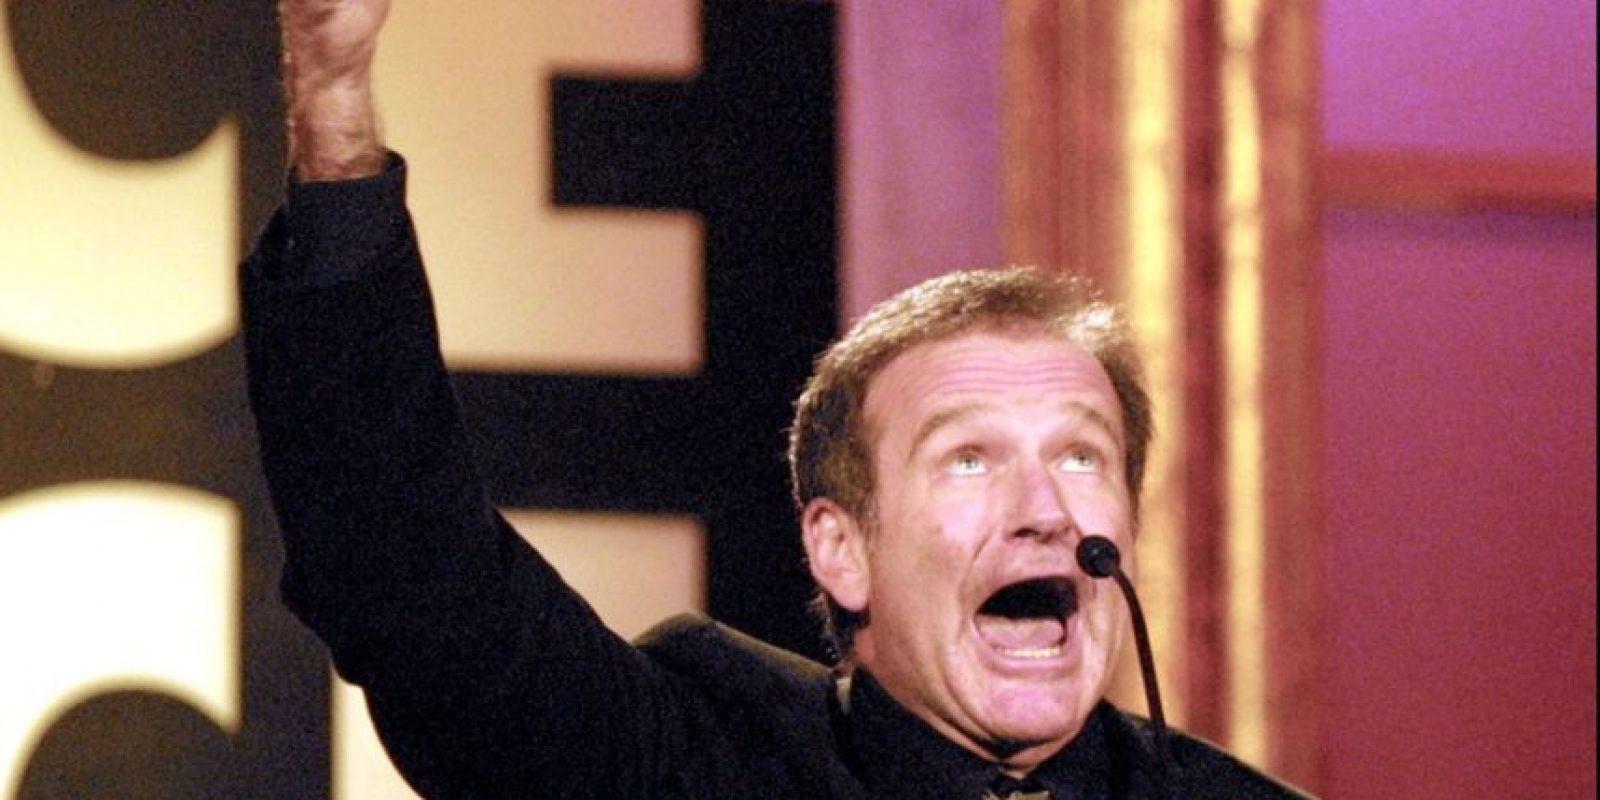 Se dice que el cómico estaba normal días antes de su muerte Foto:Getty Images